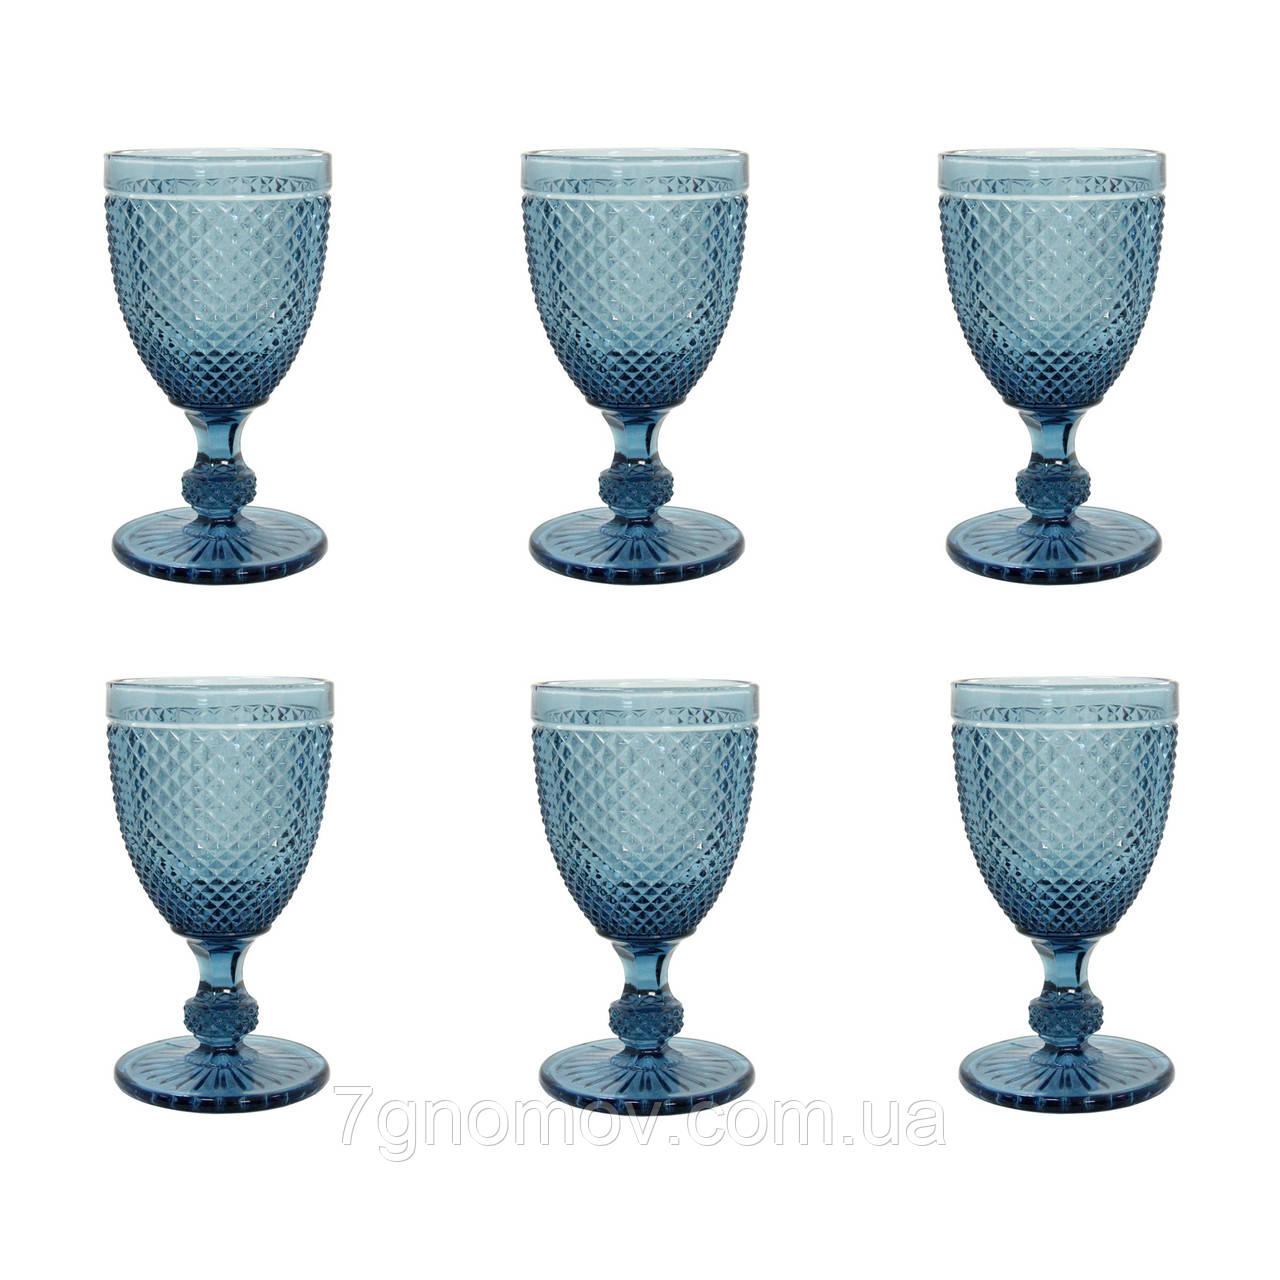 Набор 6 высоких бокалов из синего цветного стекла Аврора 250 мл